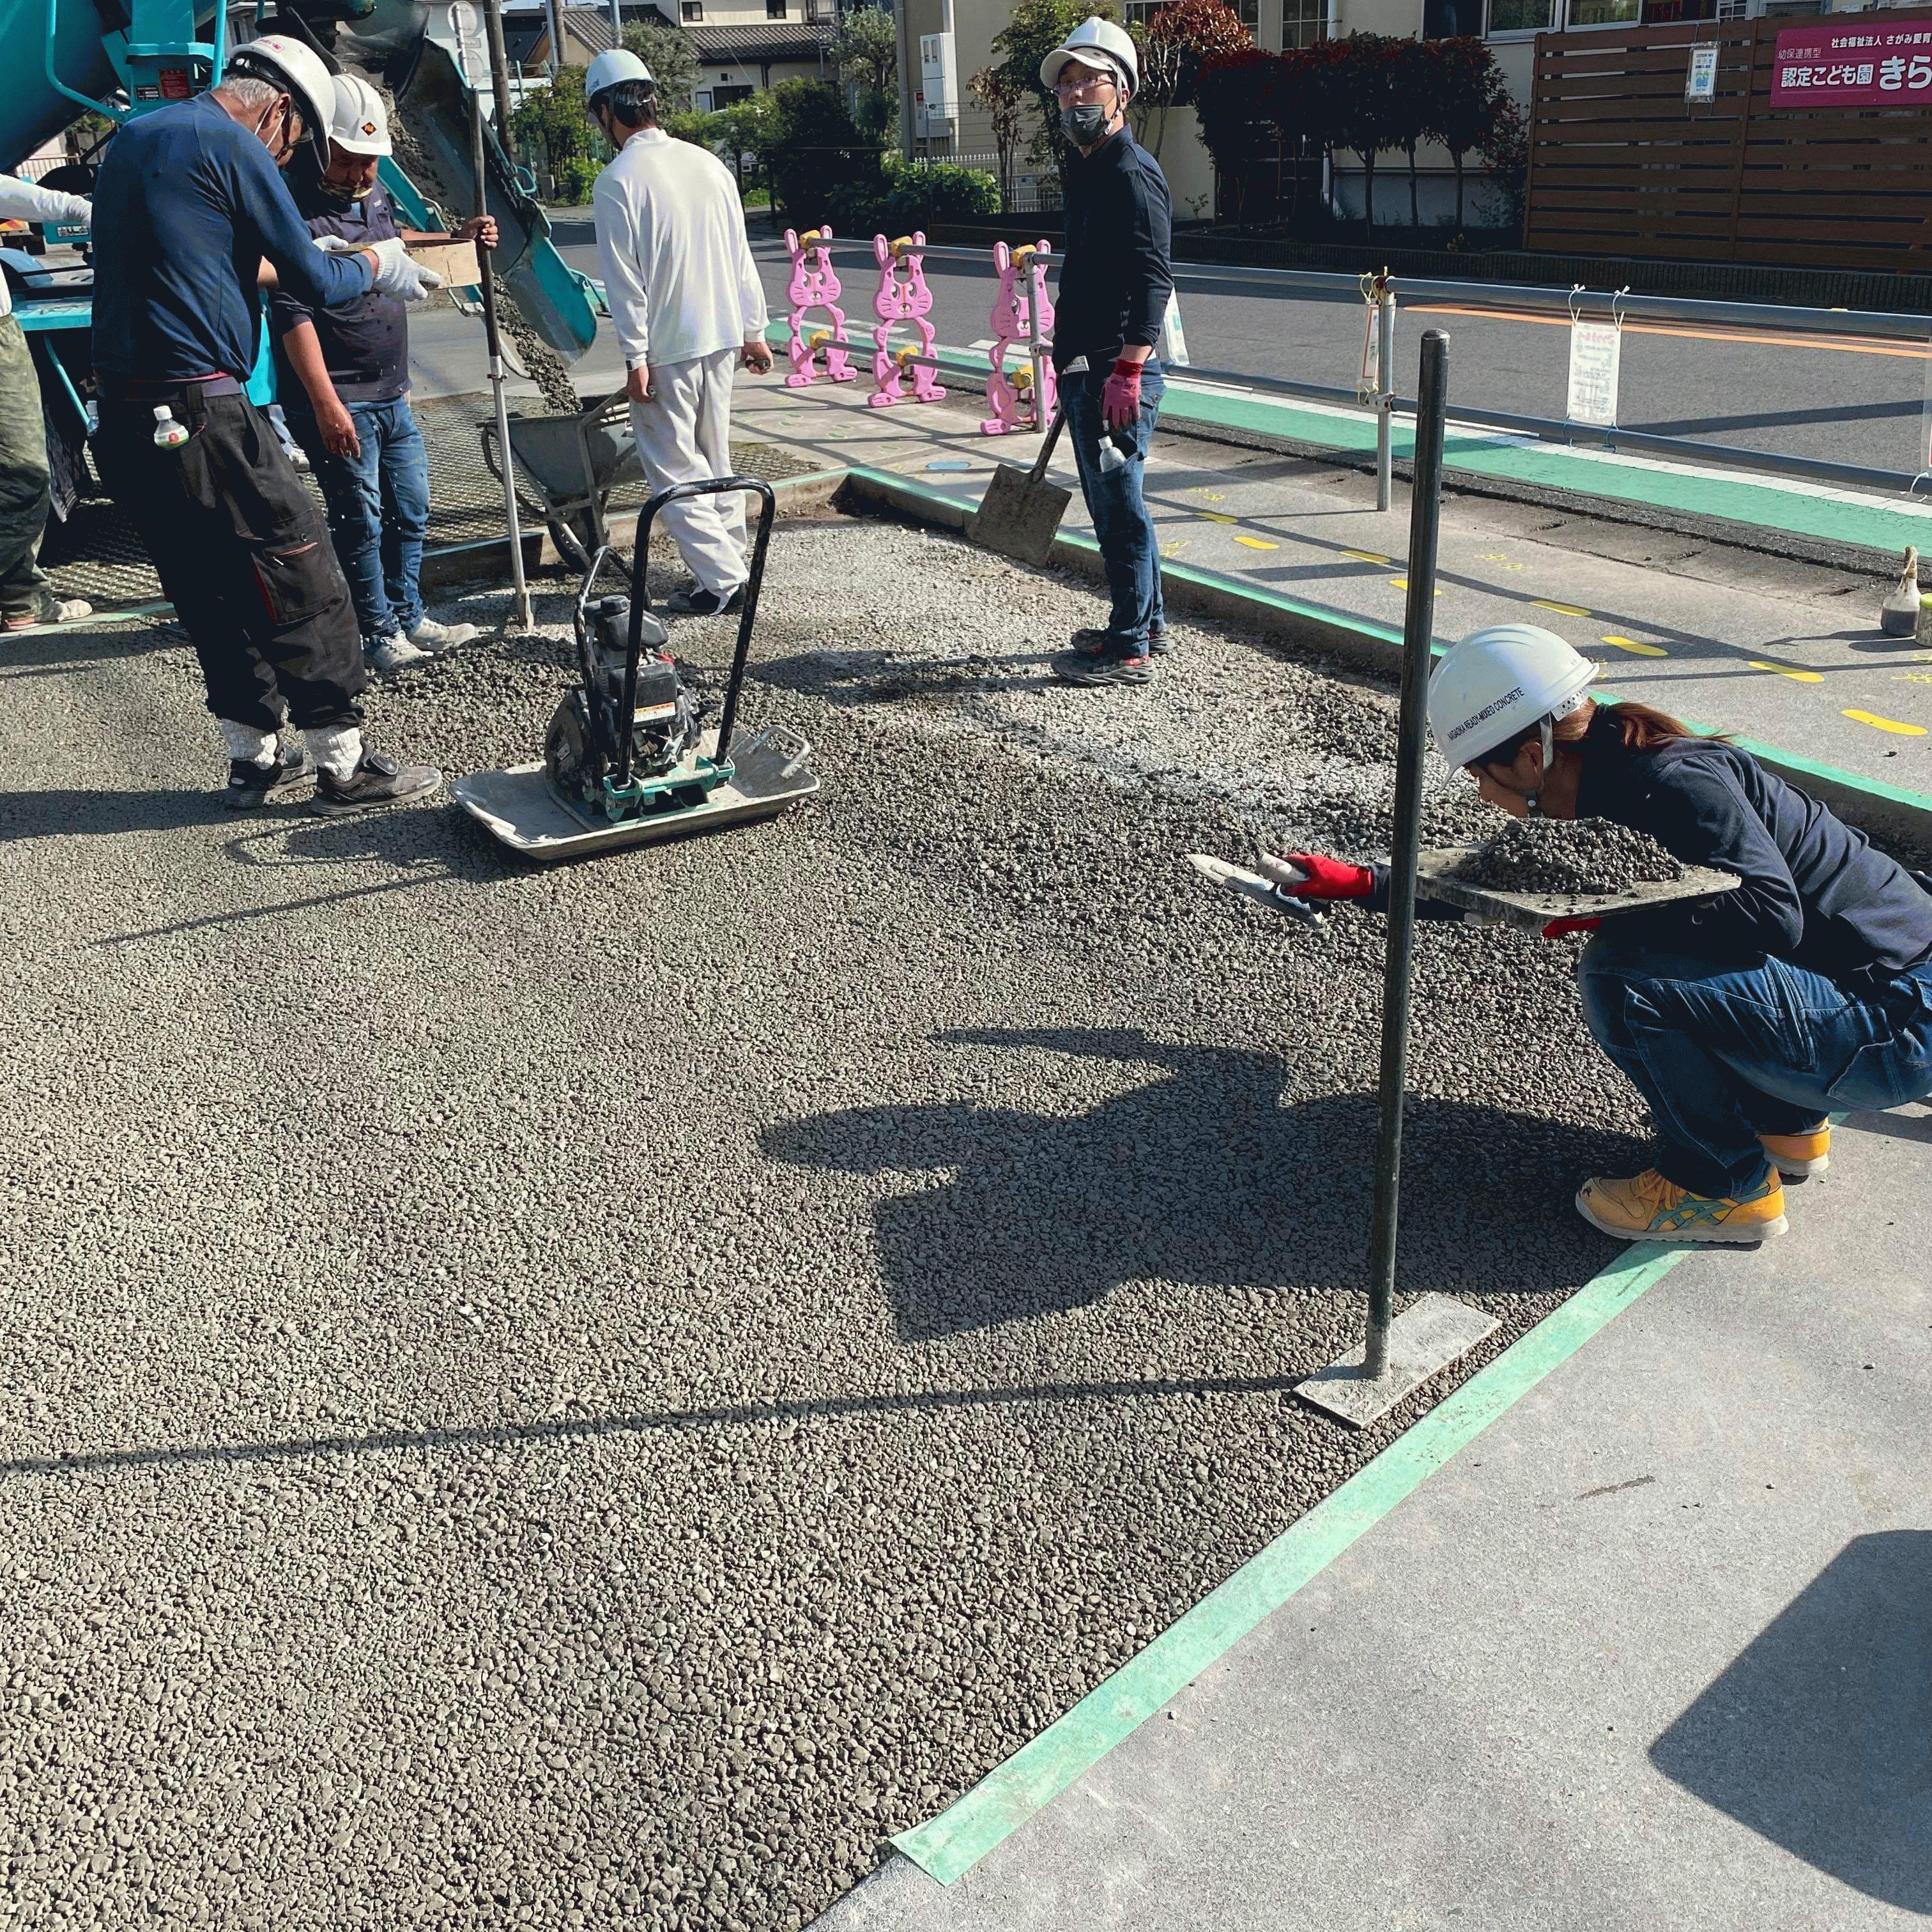 【神奈川】「浸透性アスファルトは数年で目つぶれを起こしたわみ水たまりが発生する」ワイエイ.ケイ・小島商店